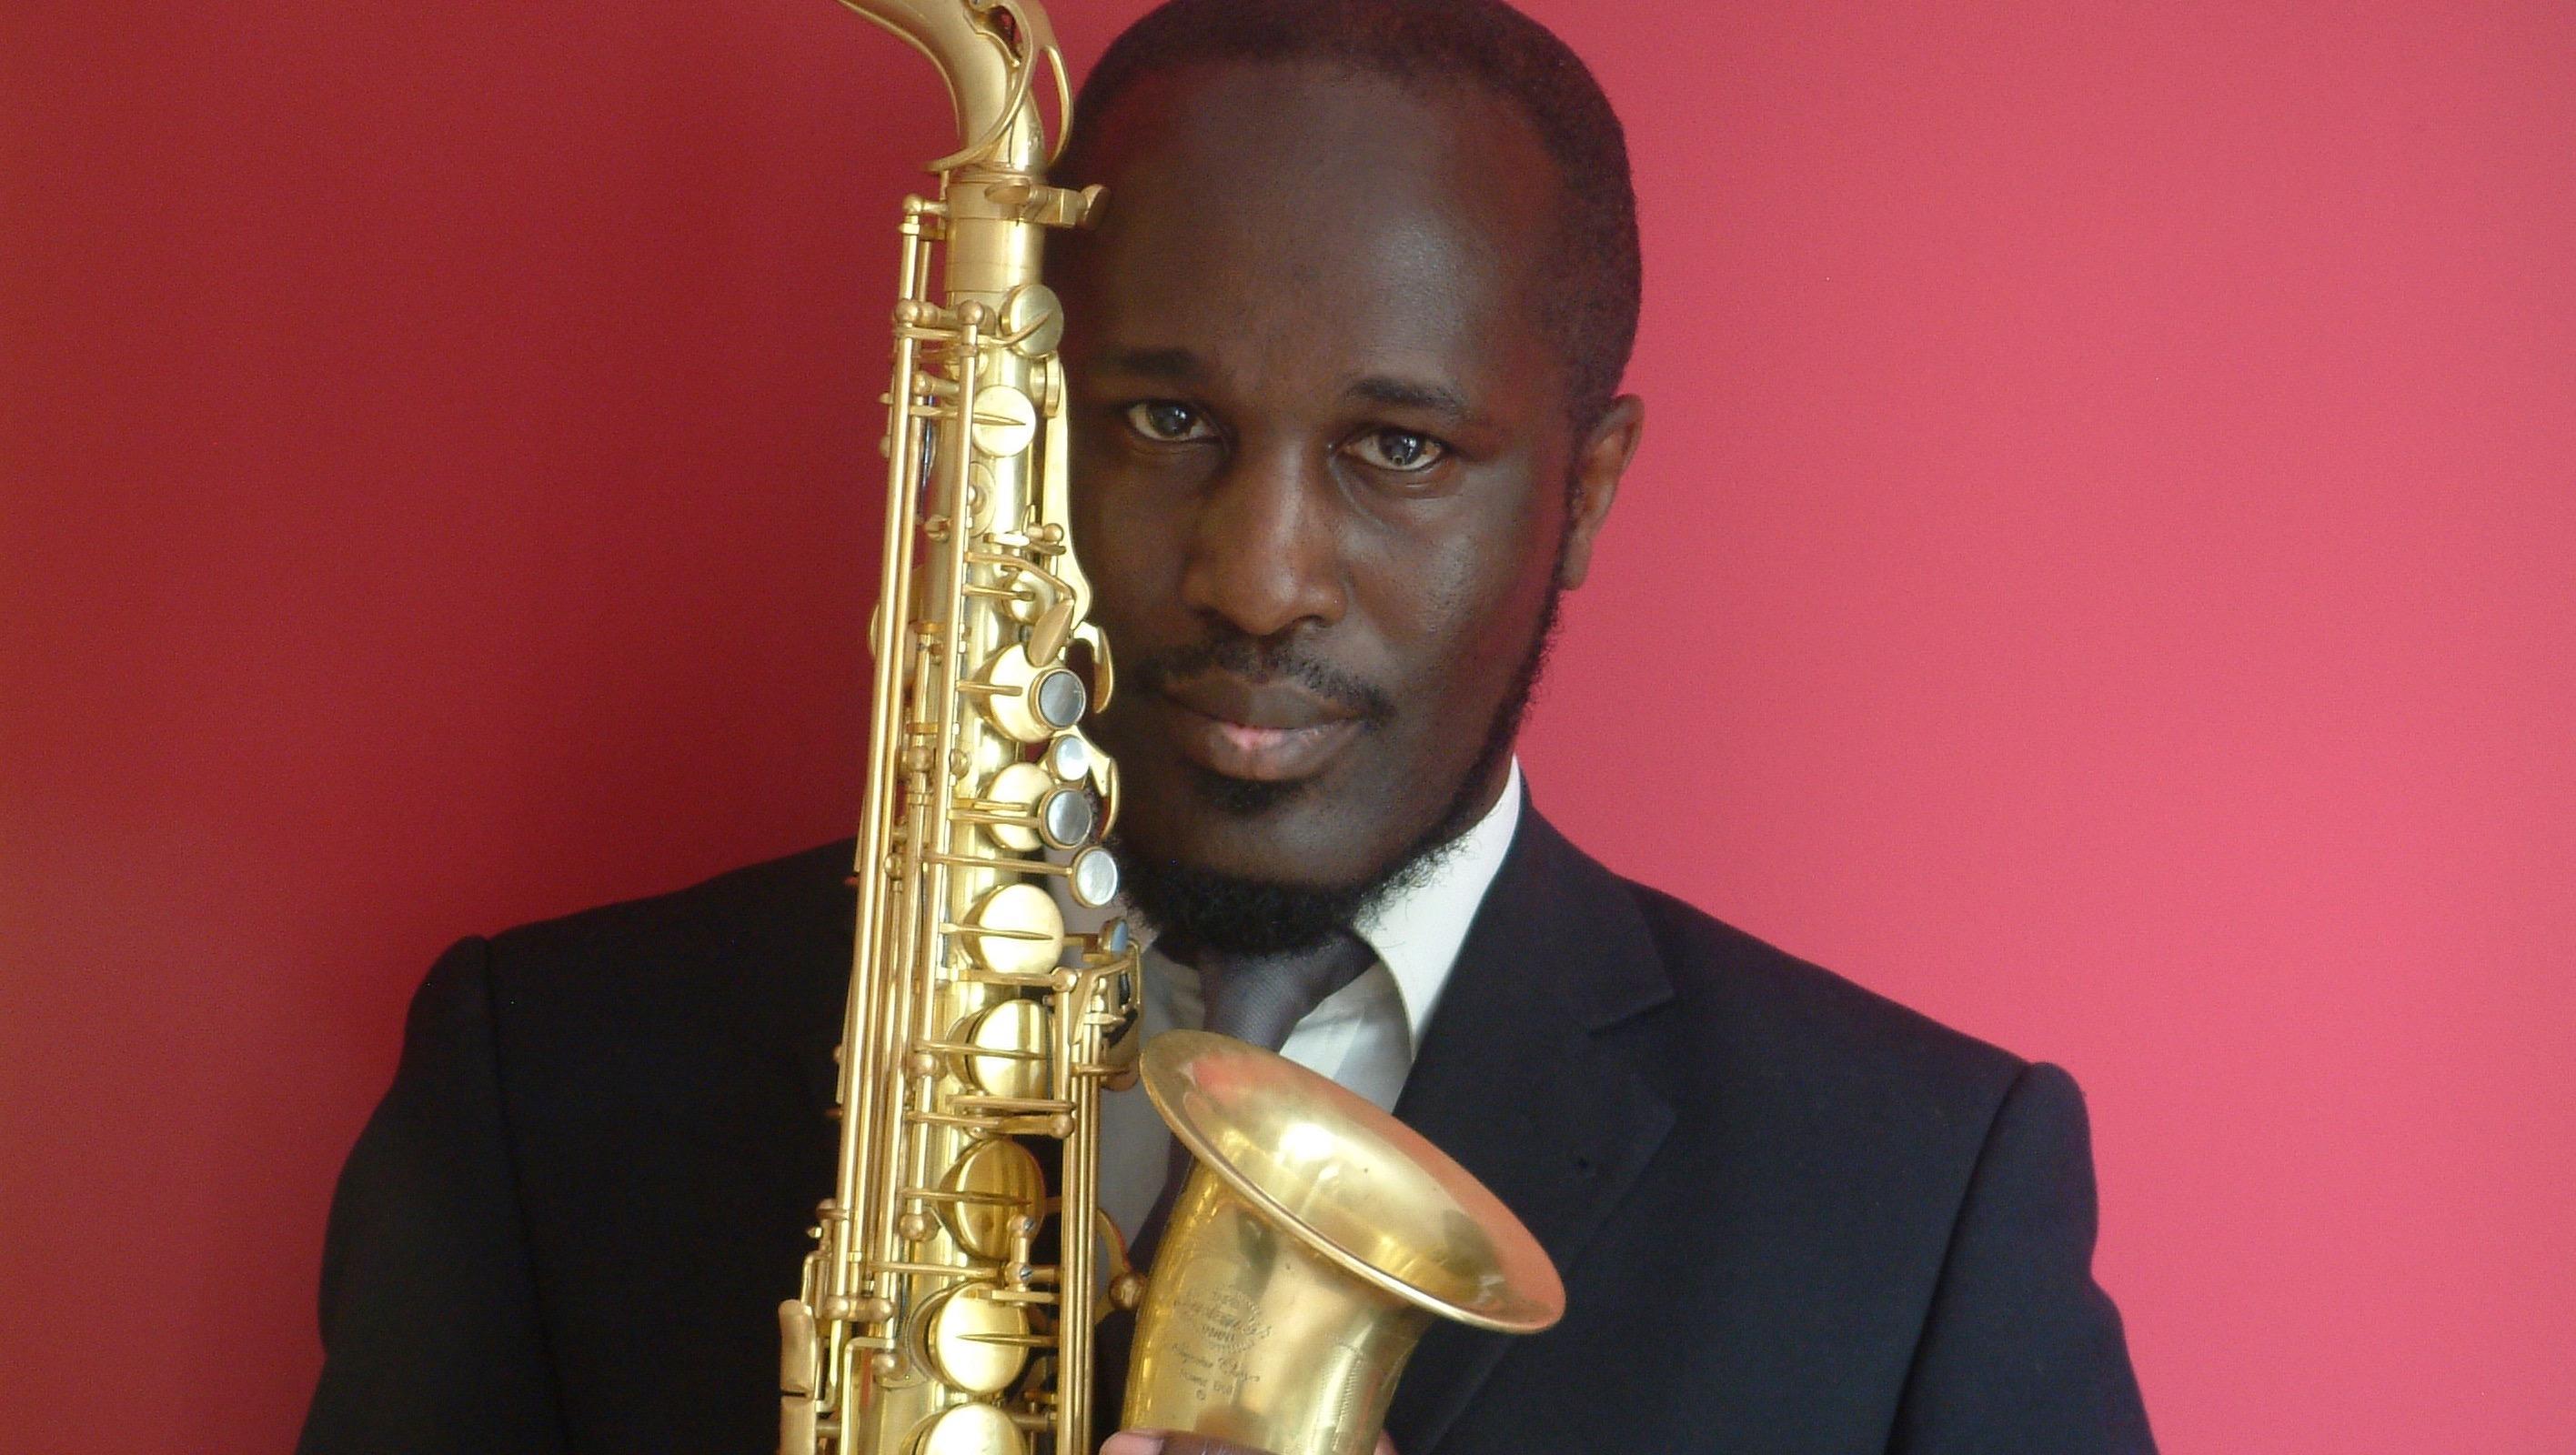 gofundme.com | Replace Tony Kofi's stolen sax, organized by Nikki Collins